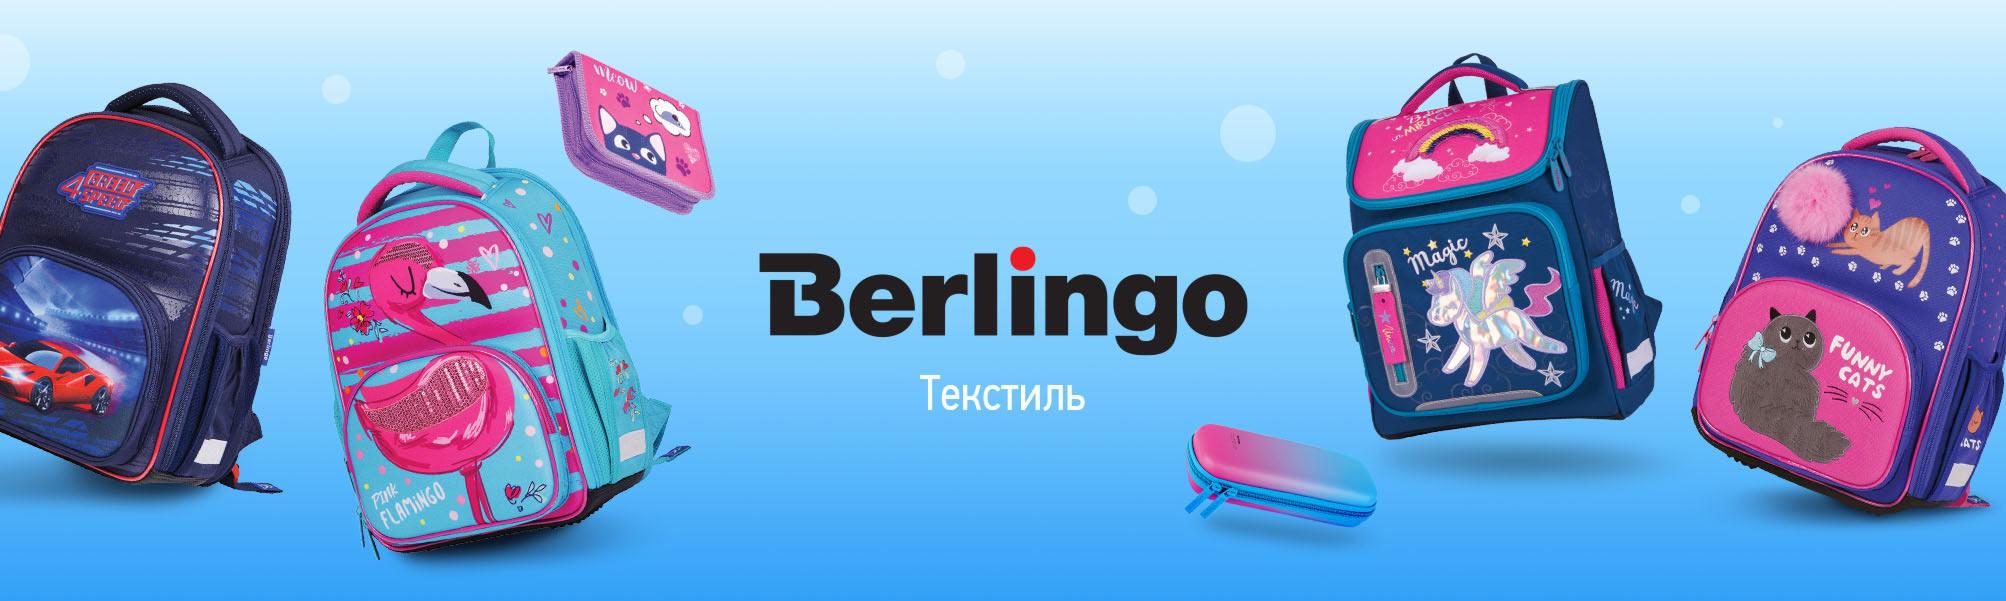 Школьные ранцы и рюкзаки Berlingo